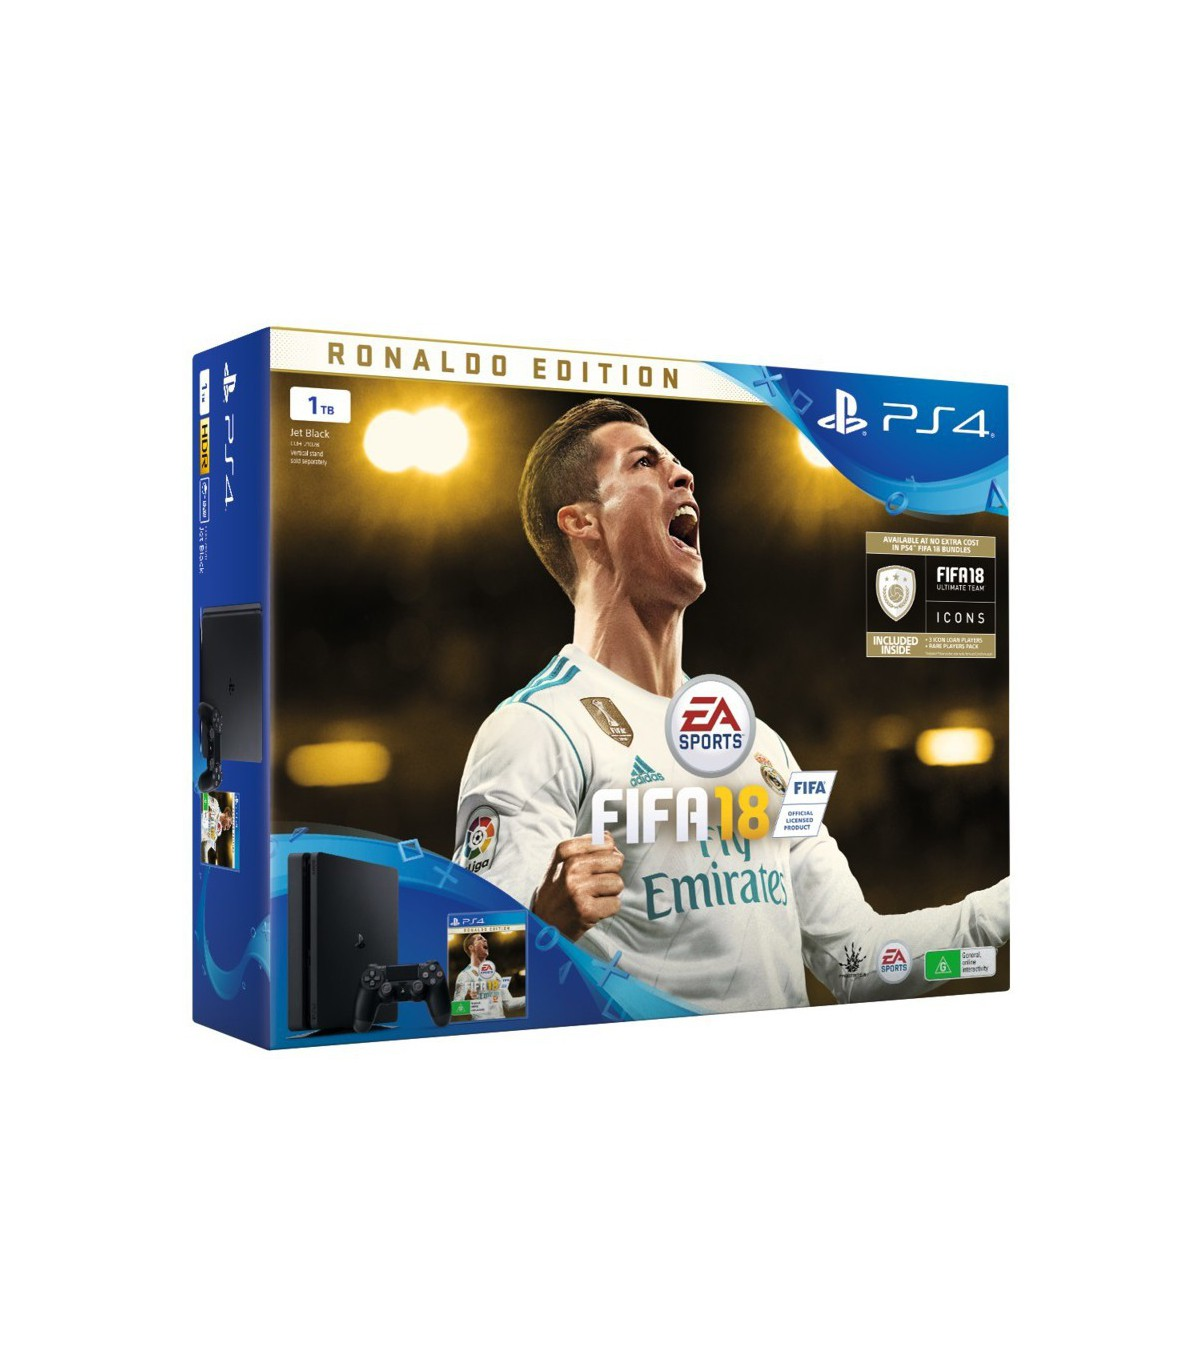 پلی استیشن 4 اسلیم 500 گیگ باندل فیفا 18 PS4 Slim 500GB Ronaldo Edition